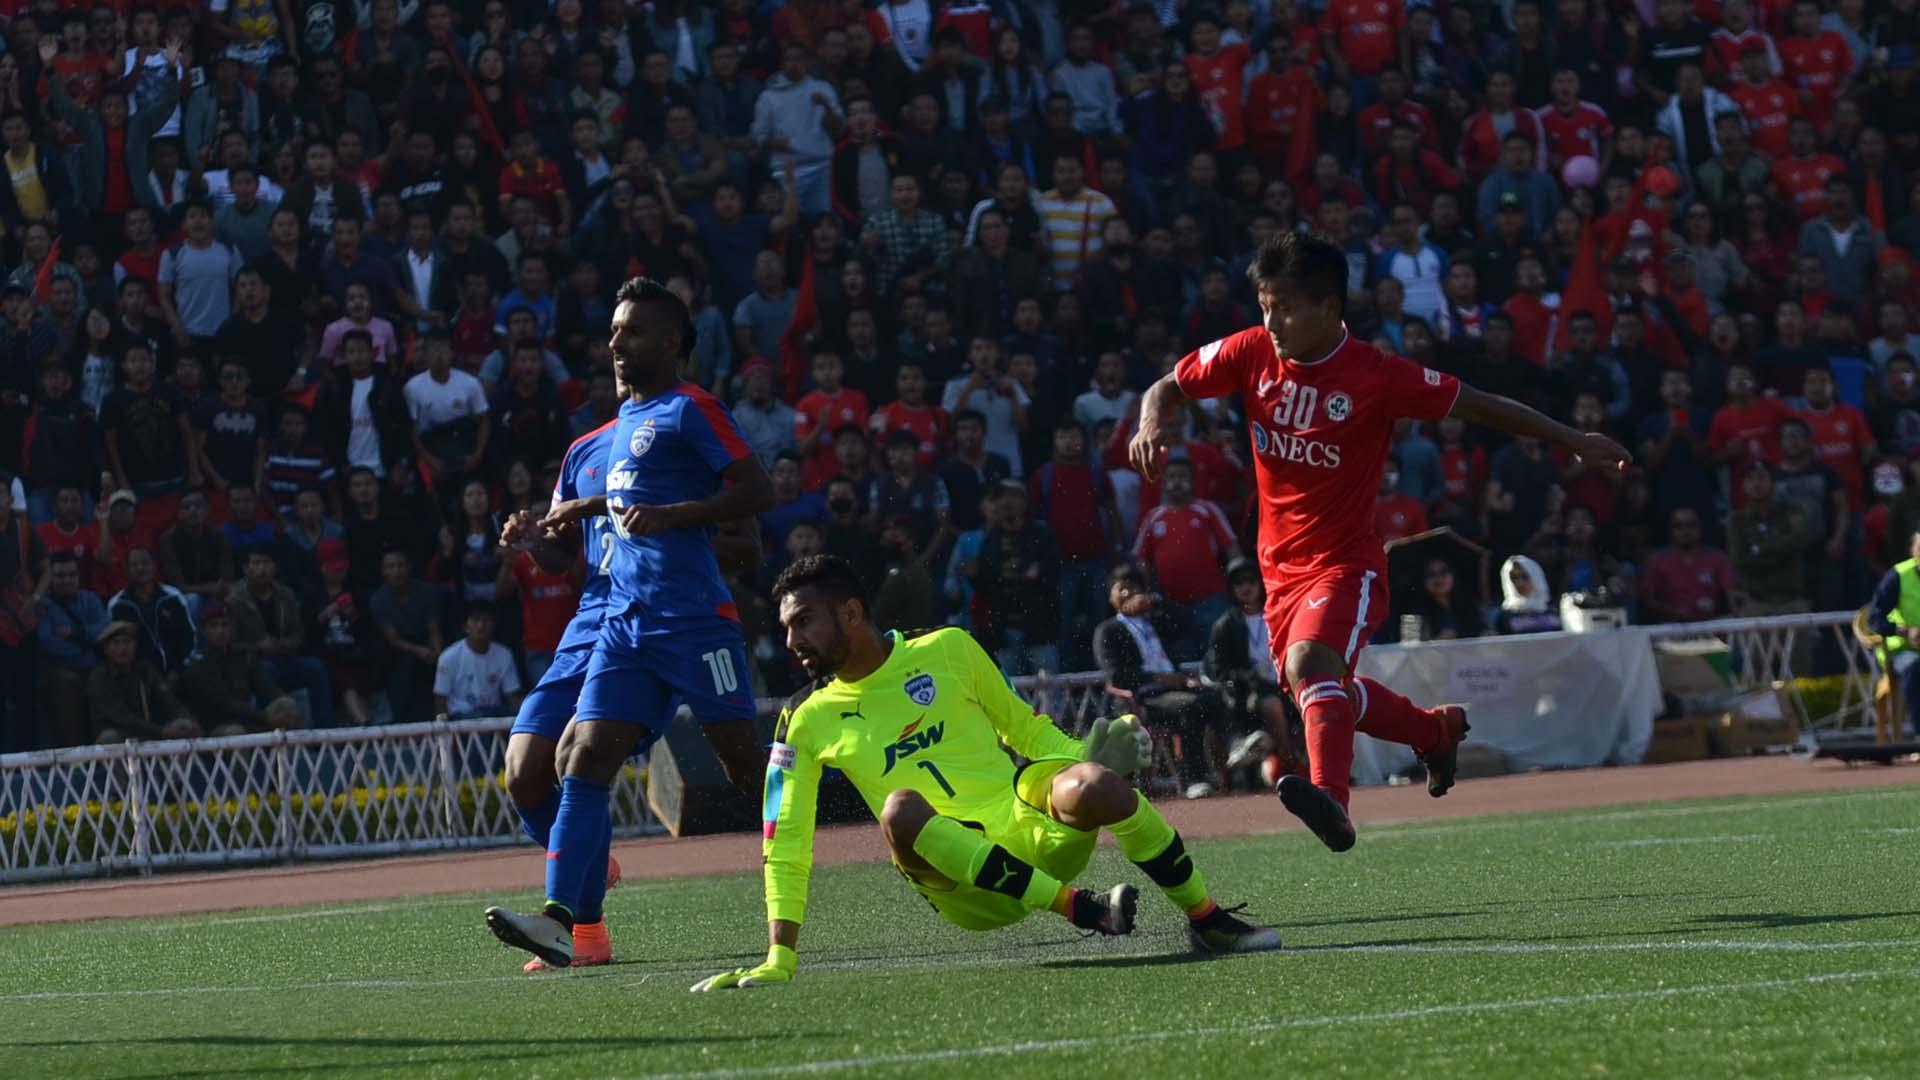 Aizawl FC Bengaluru FC I-League 2017